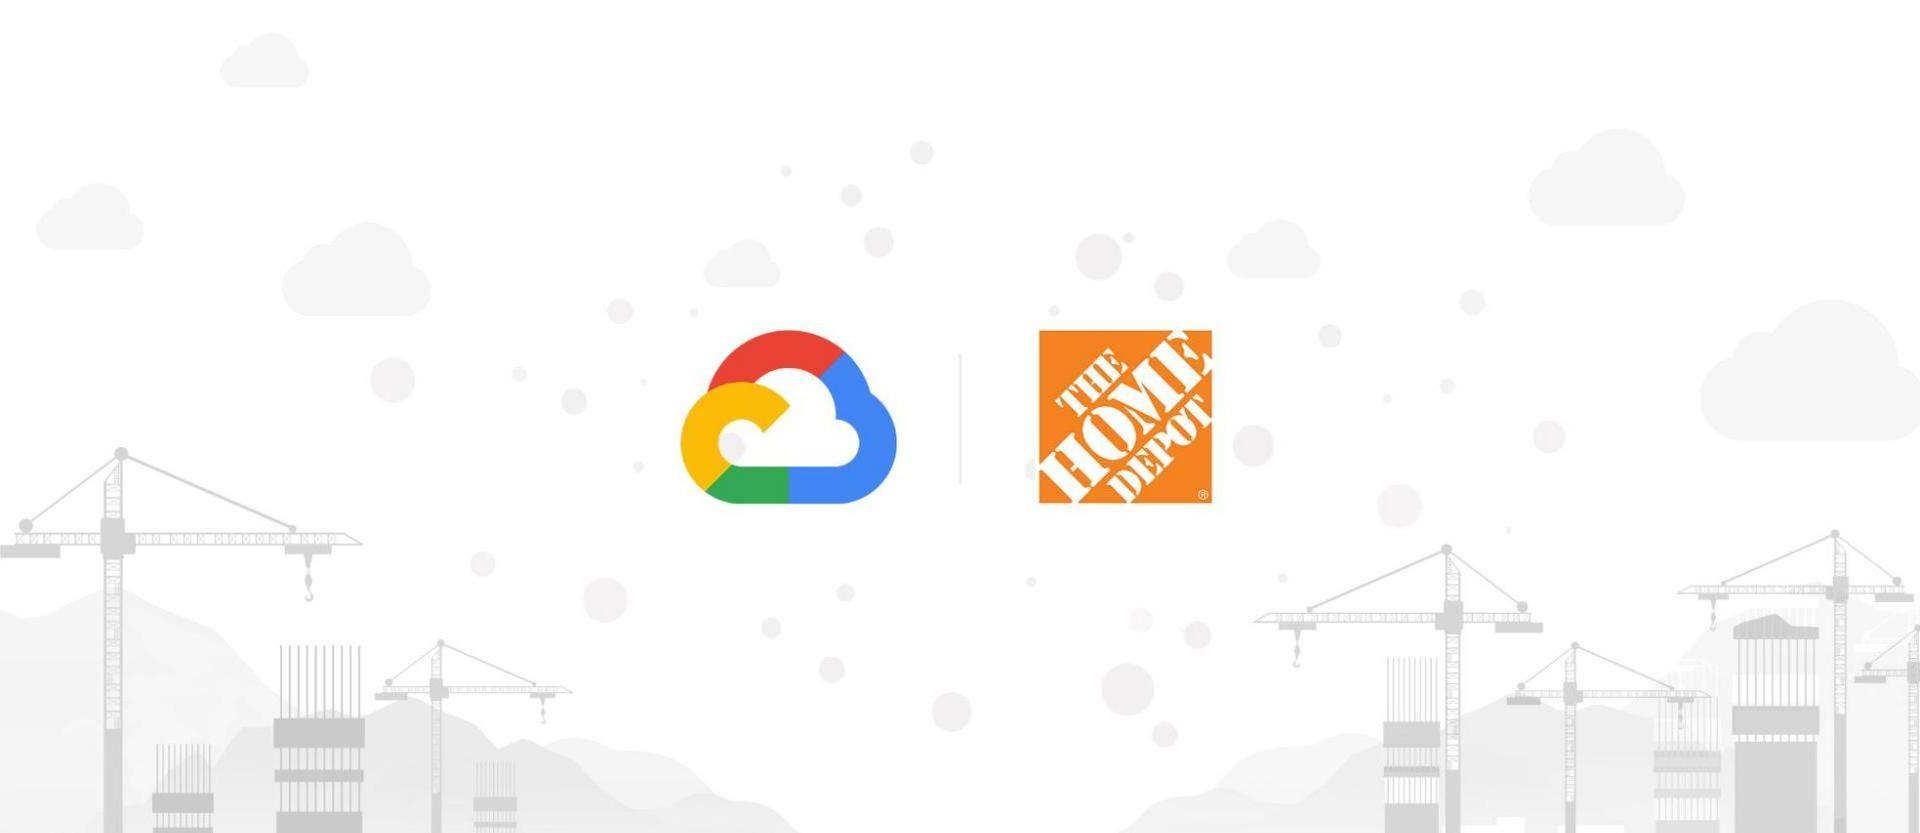 Google Cloud | The Home Depot